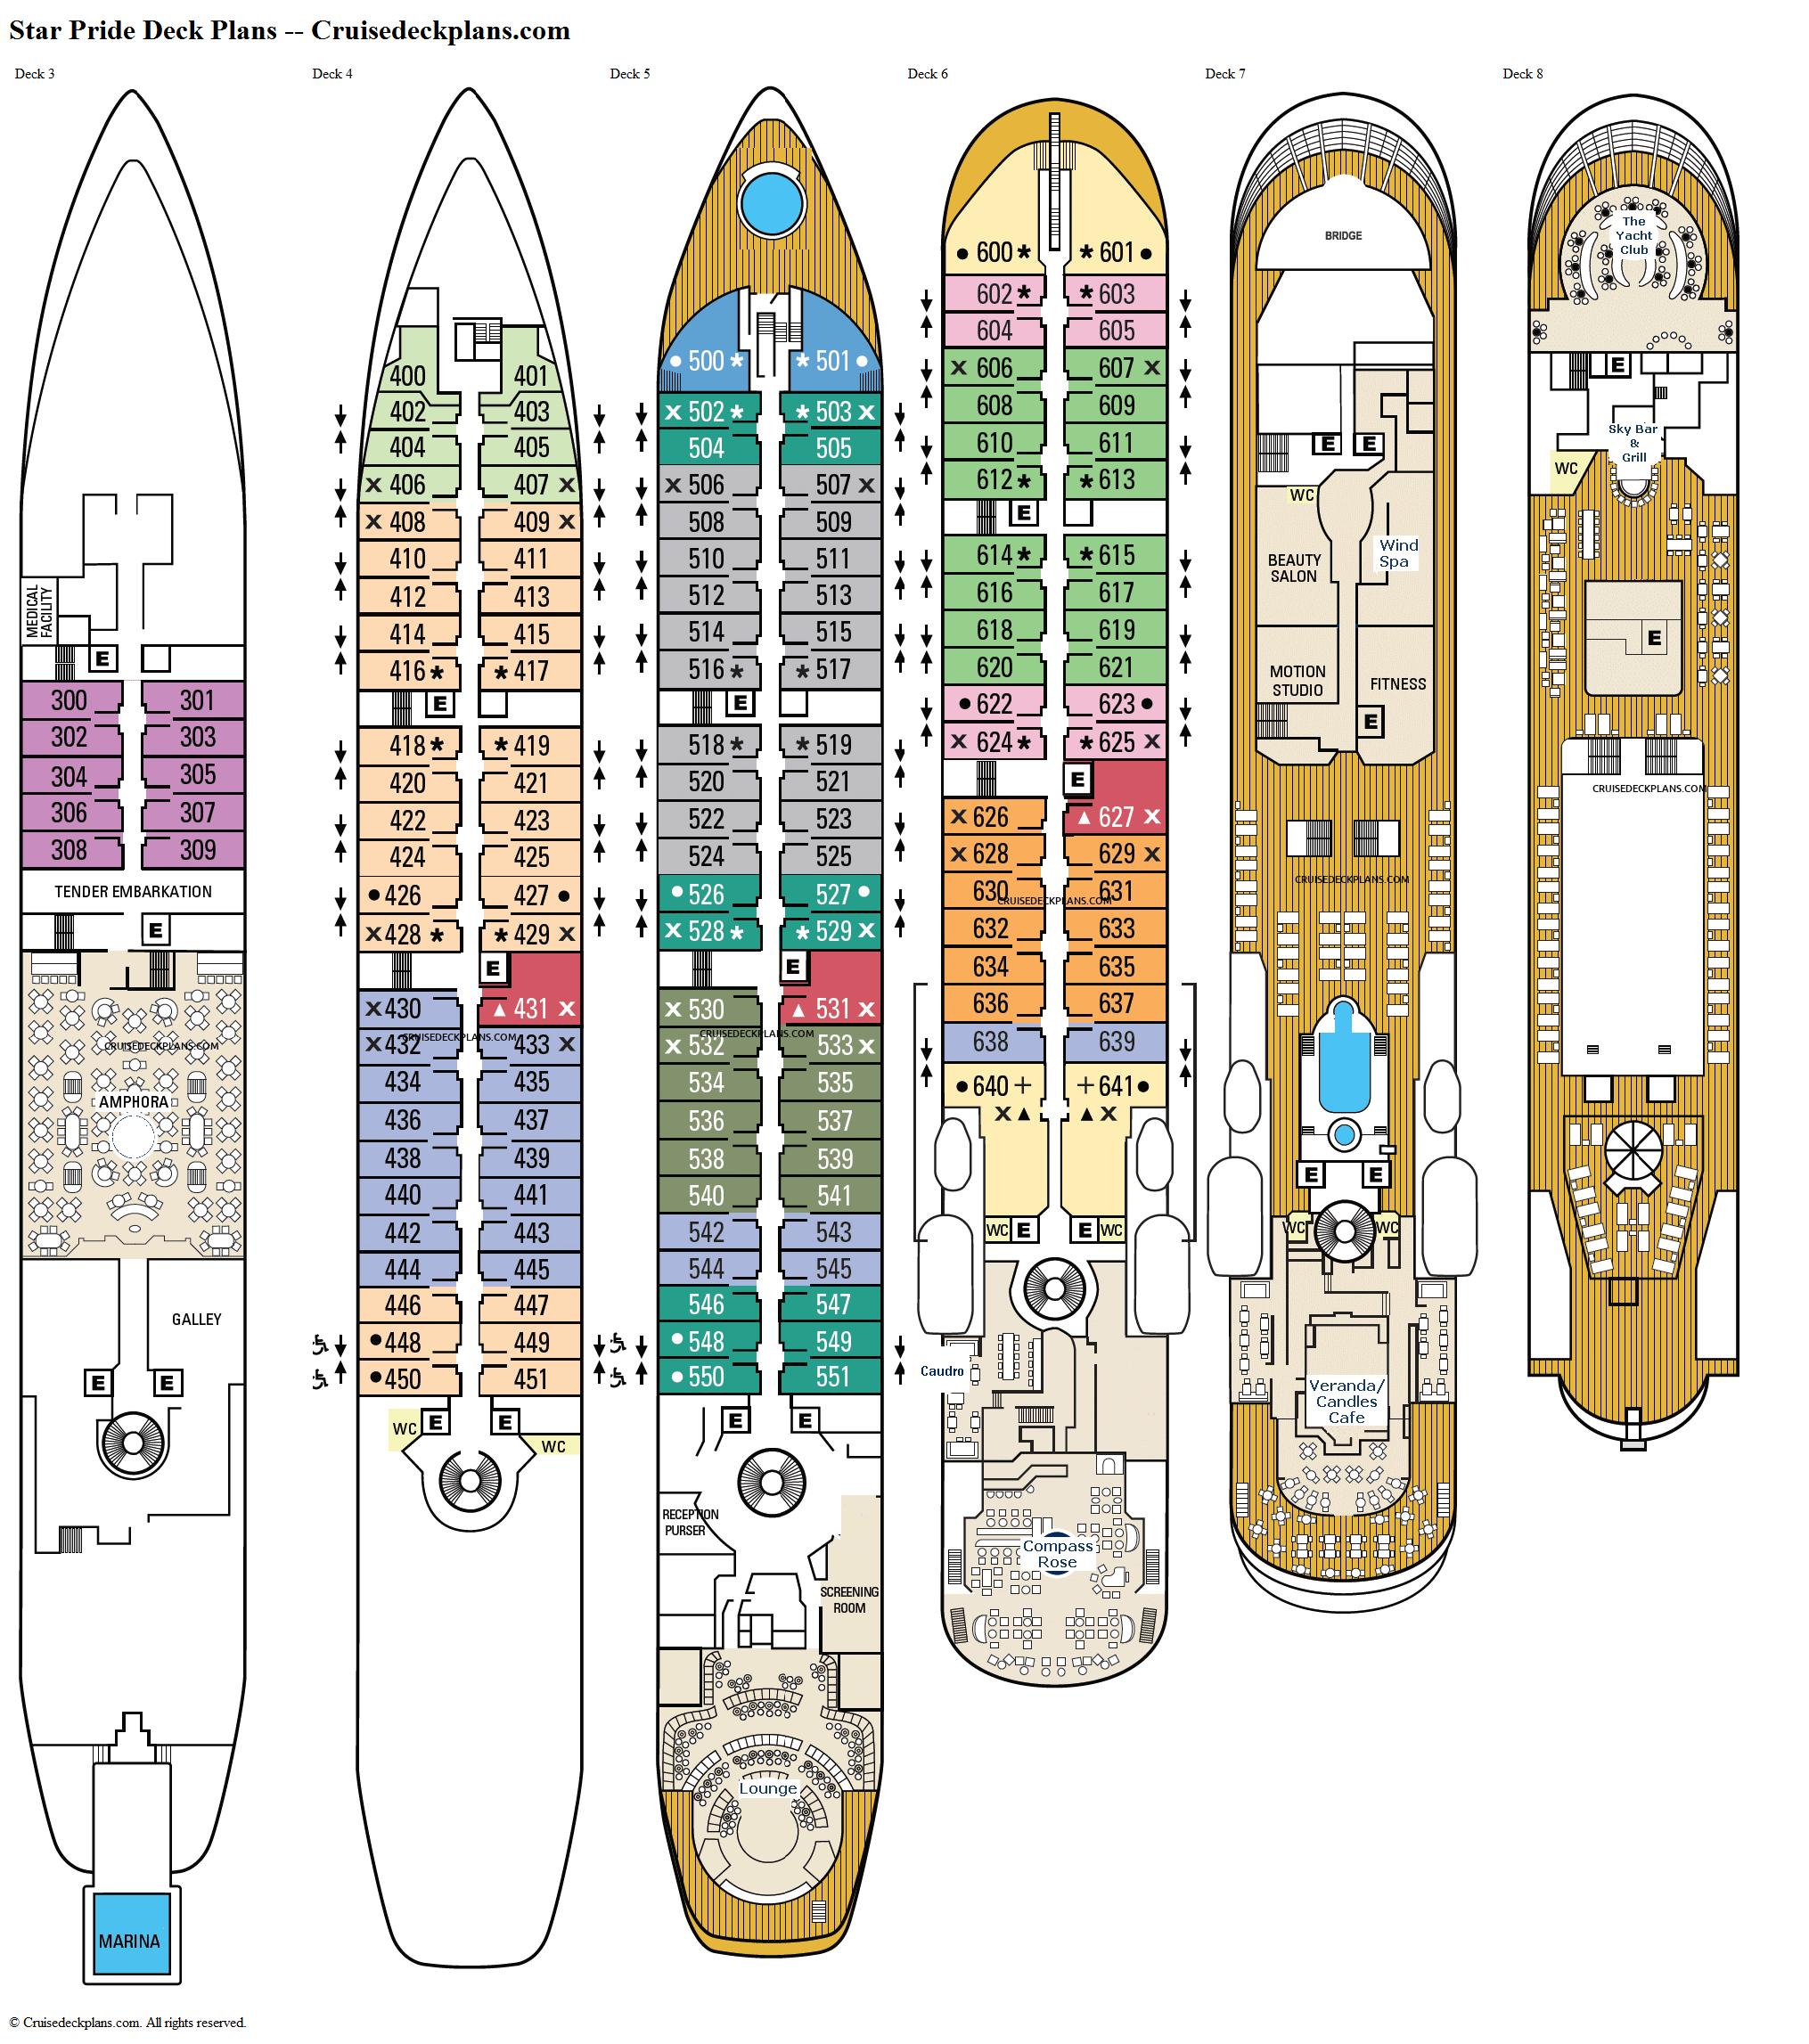 Star Pride Deck 7 Deck Plan Tour